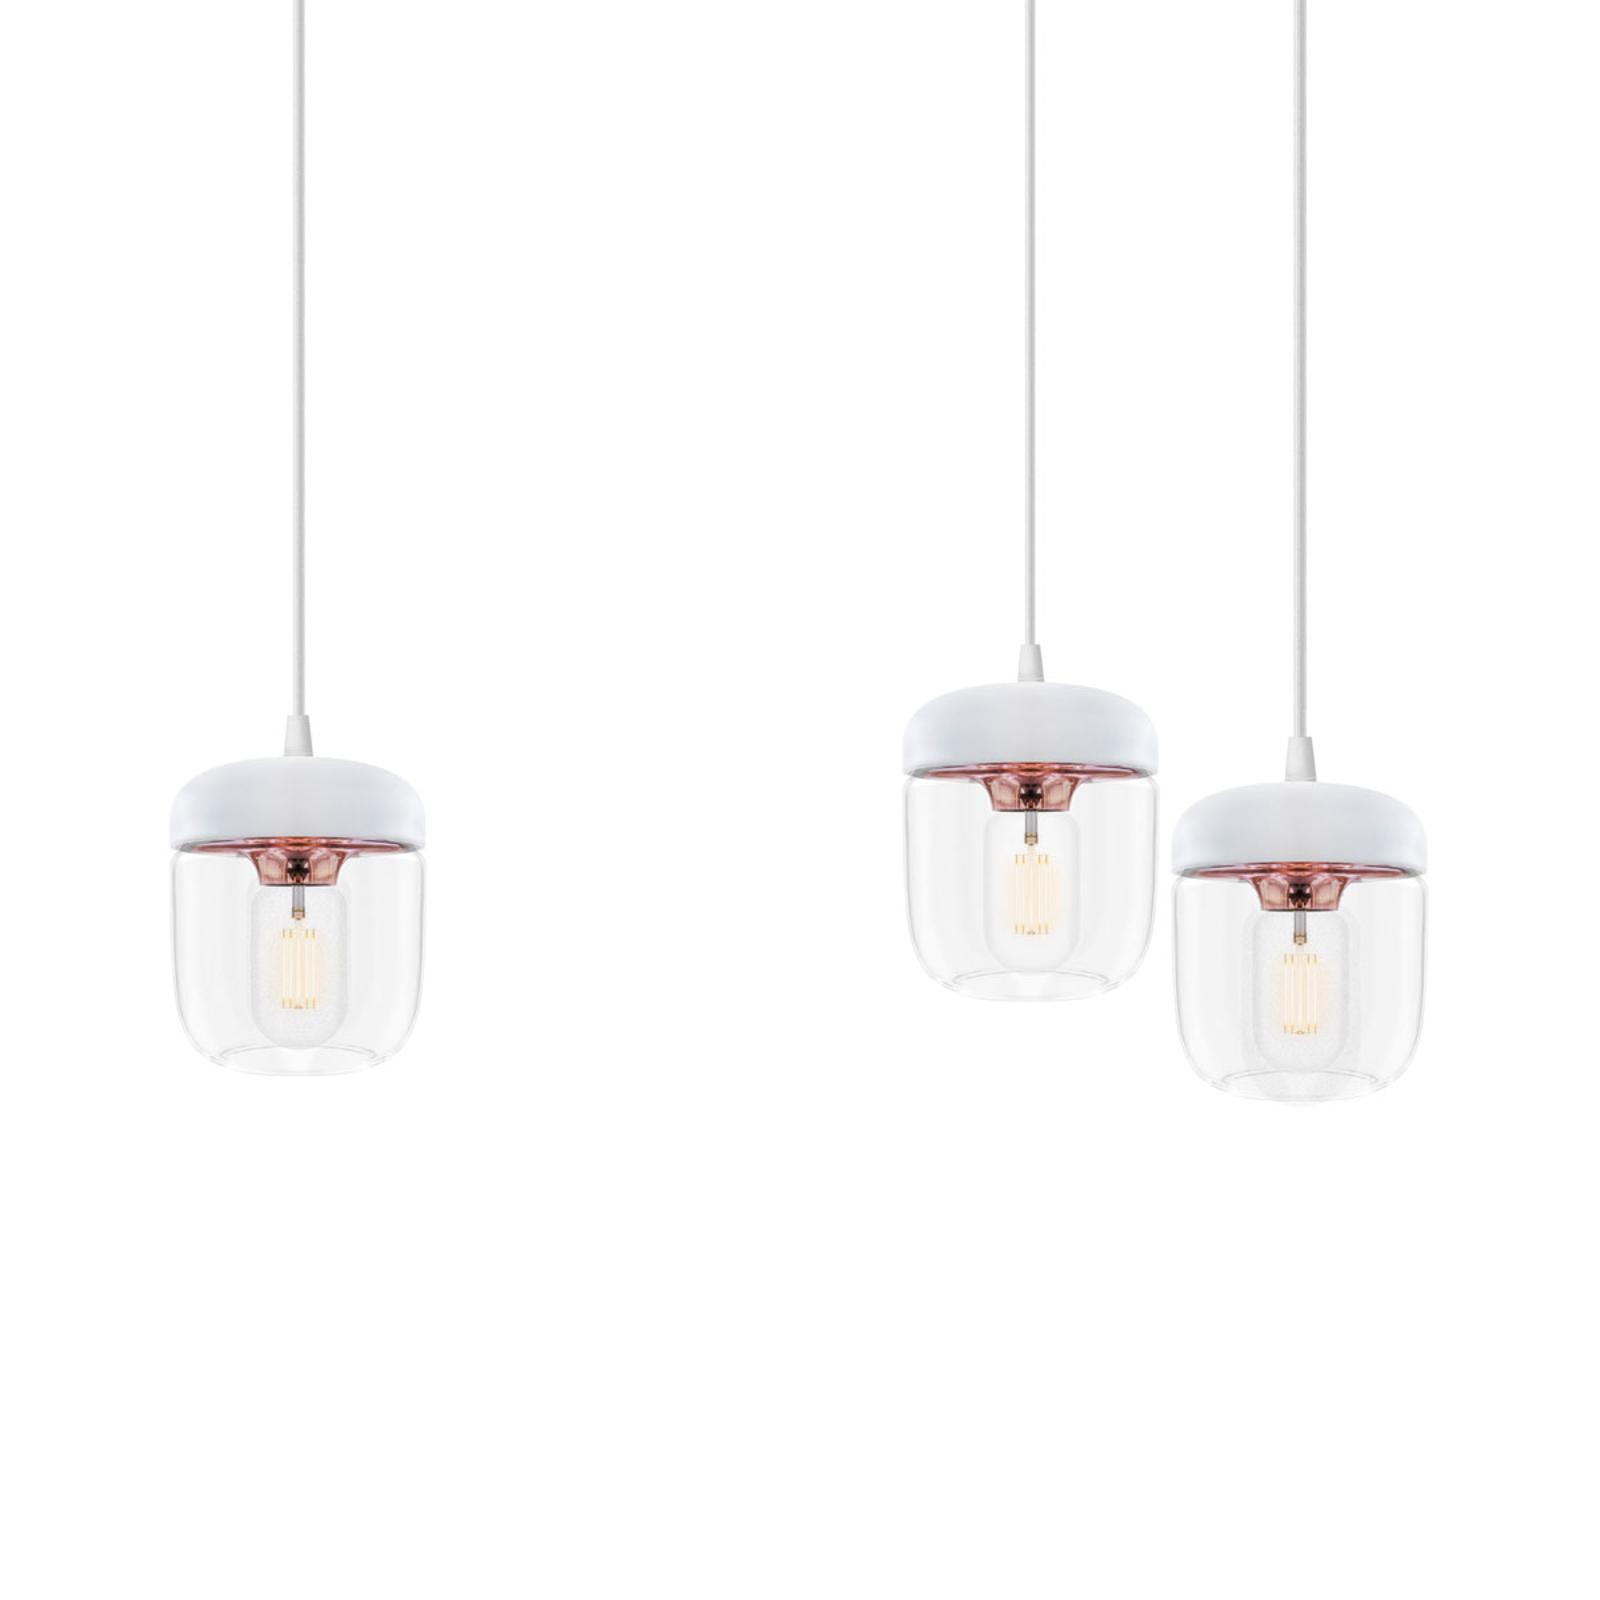 Lampa wisząca Acorn, 3-punktowa, biel i miedź